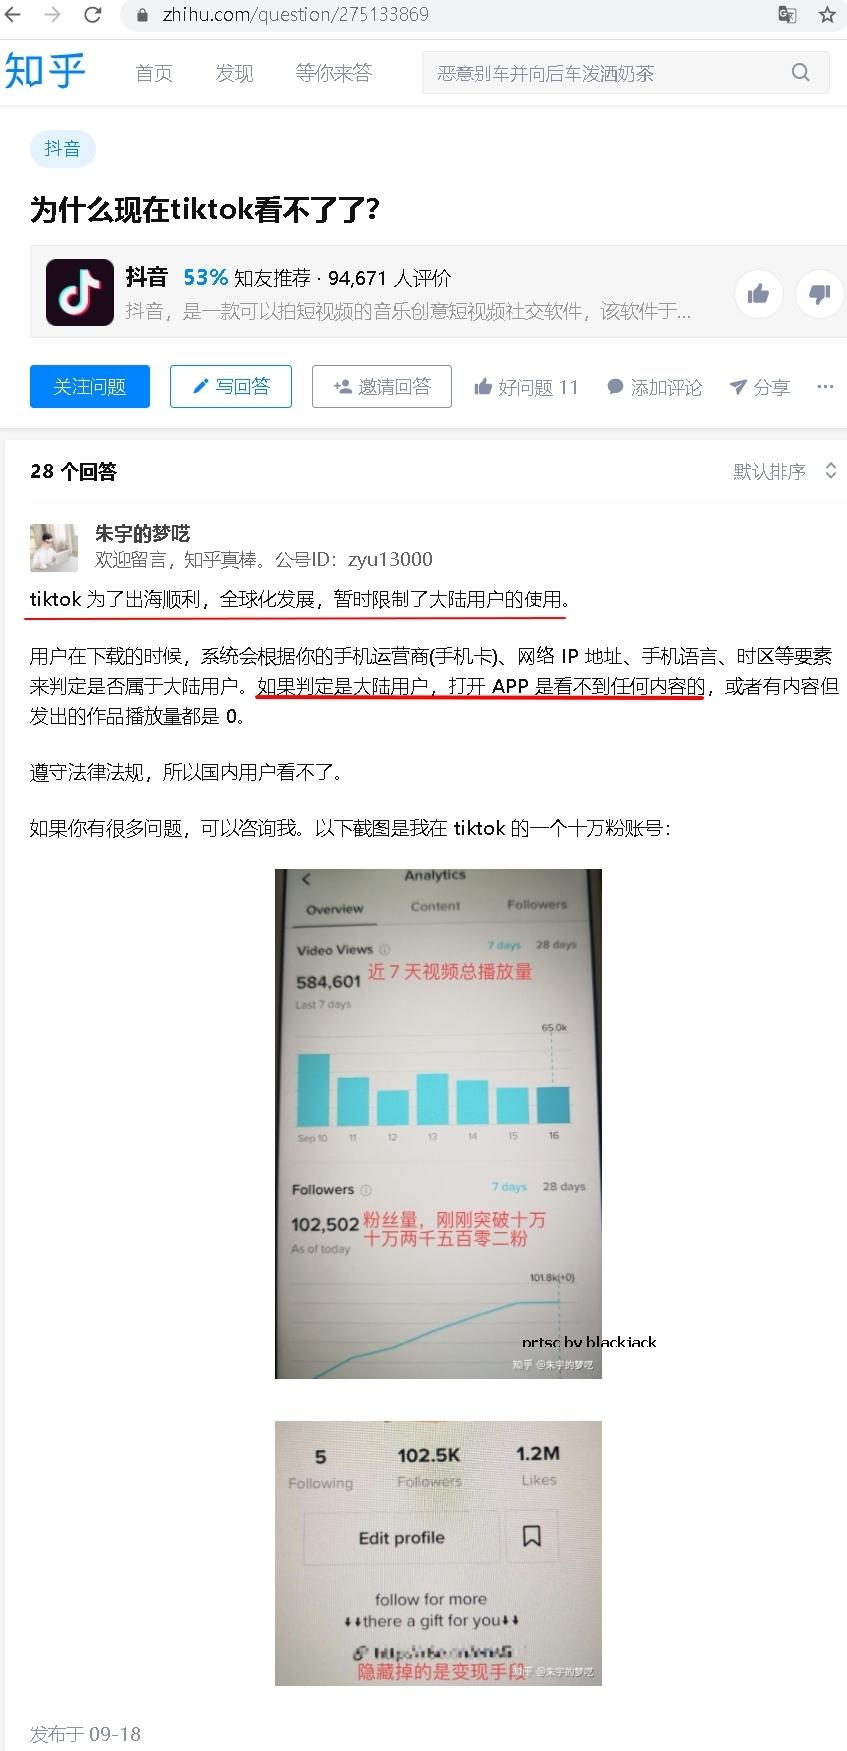 大陸網民無法訪問TikTok的詢問 翻攝「知乎」網站